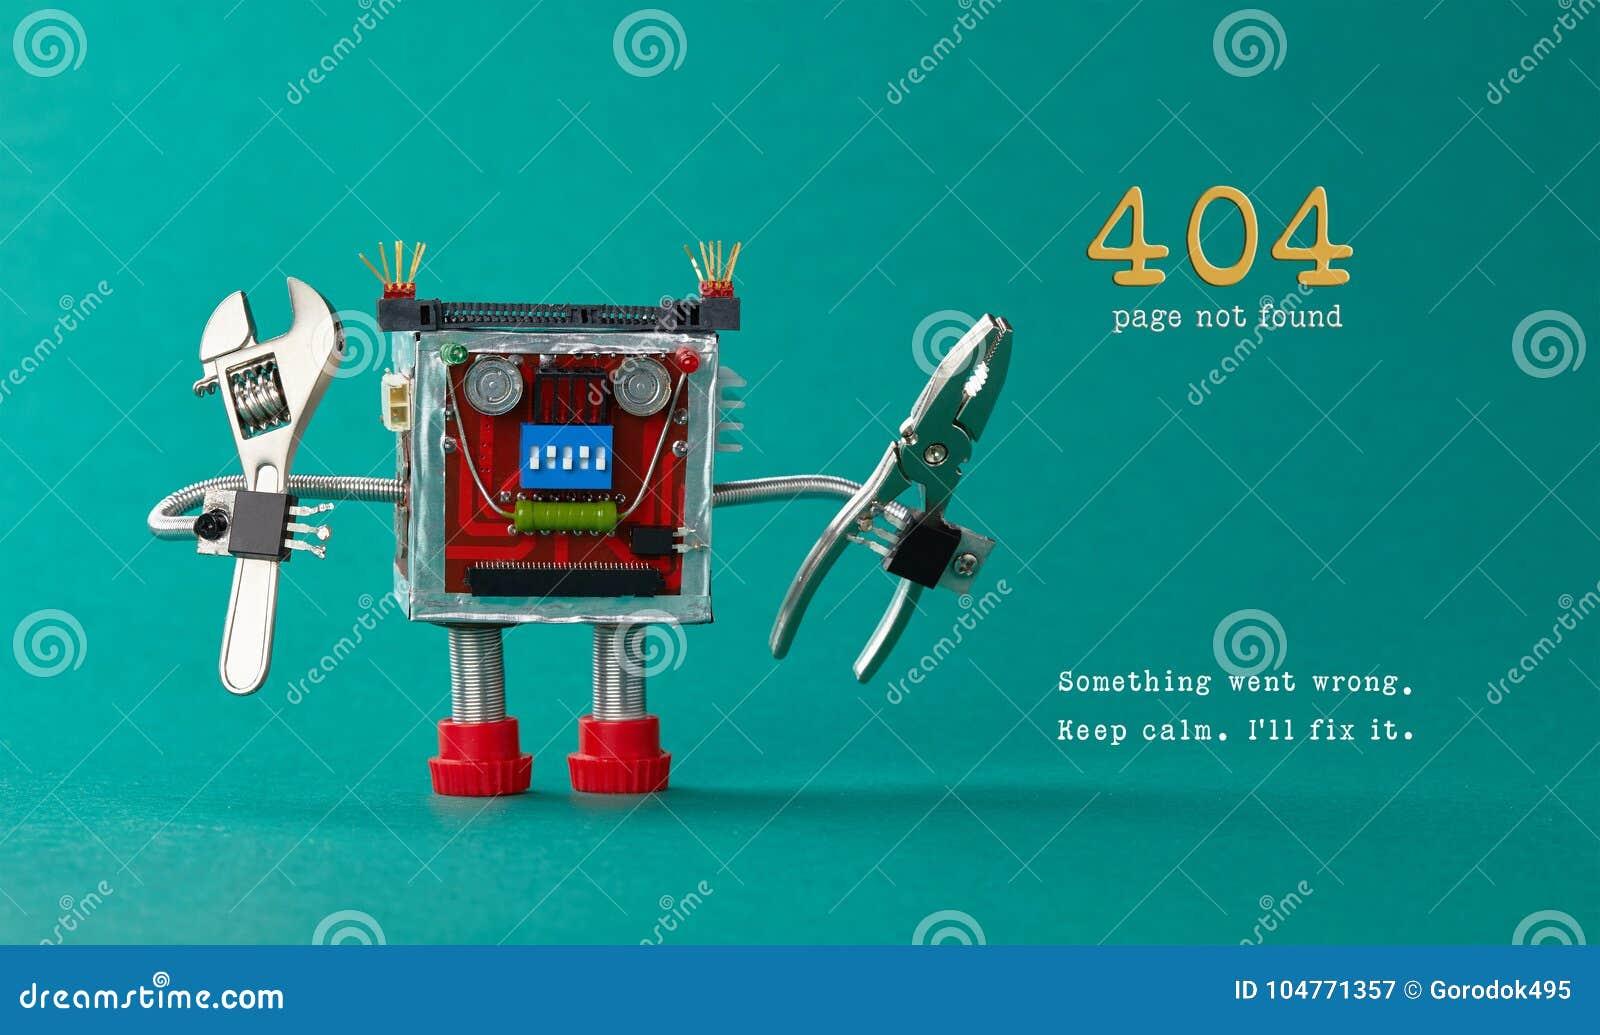 Pagina gevonden niet malplaatje voor website Robotstuk speelgoed hersteller met buigtang regelbare moersleutel, het bericht van d